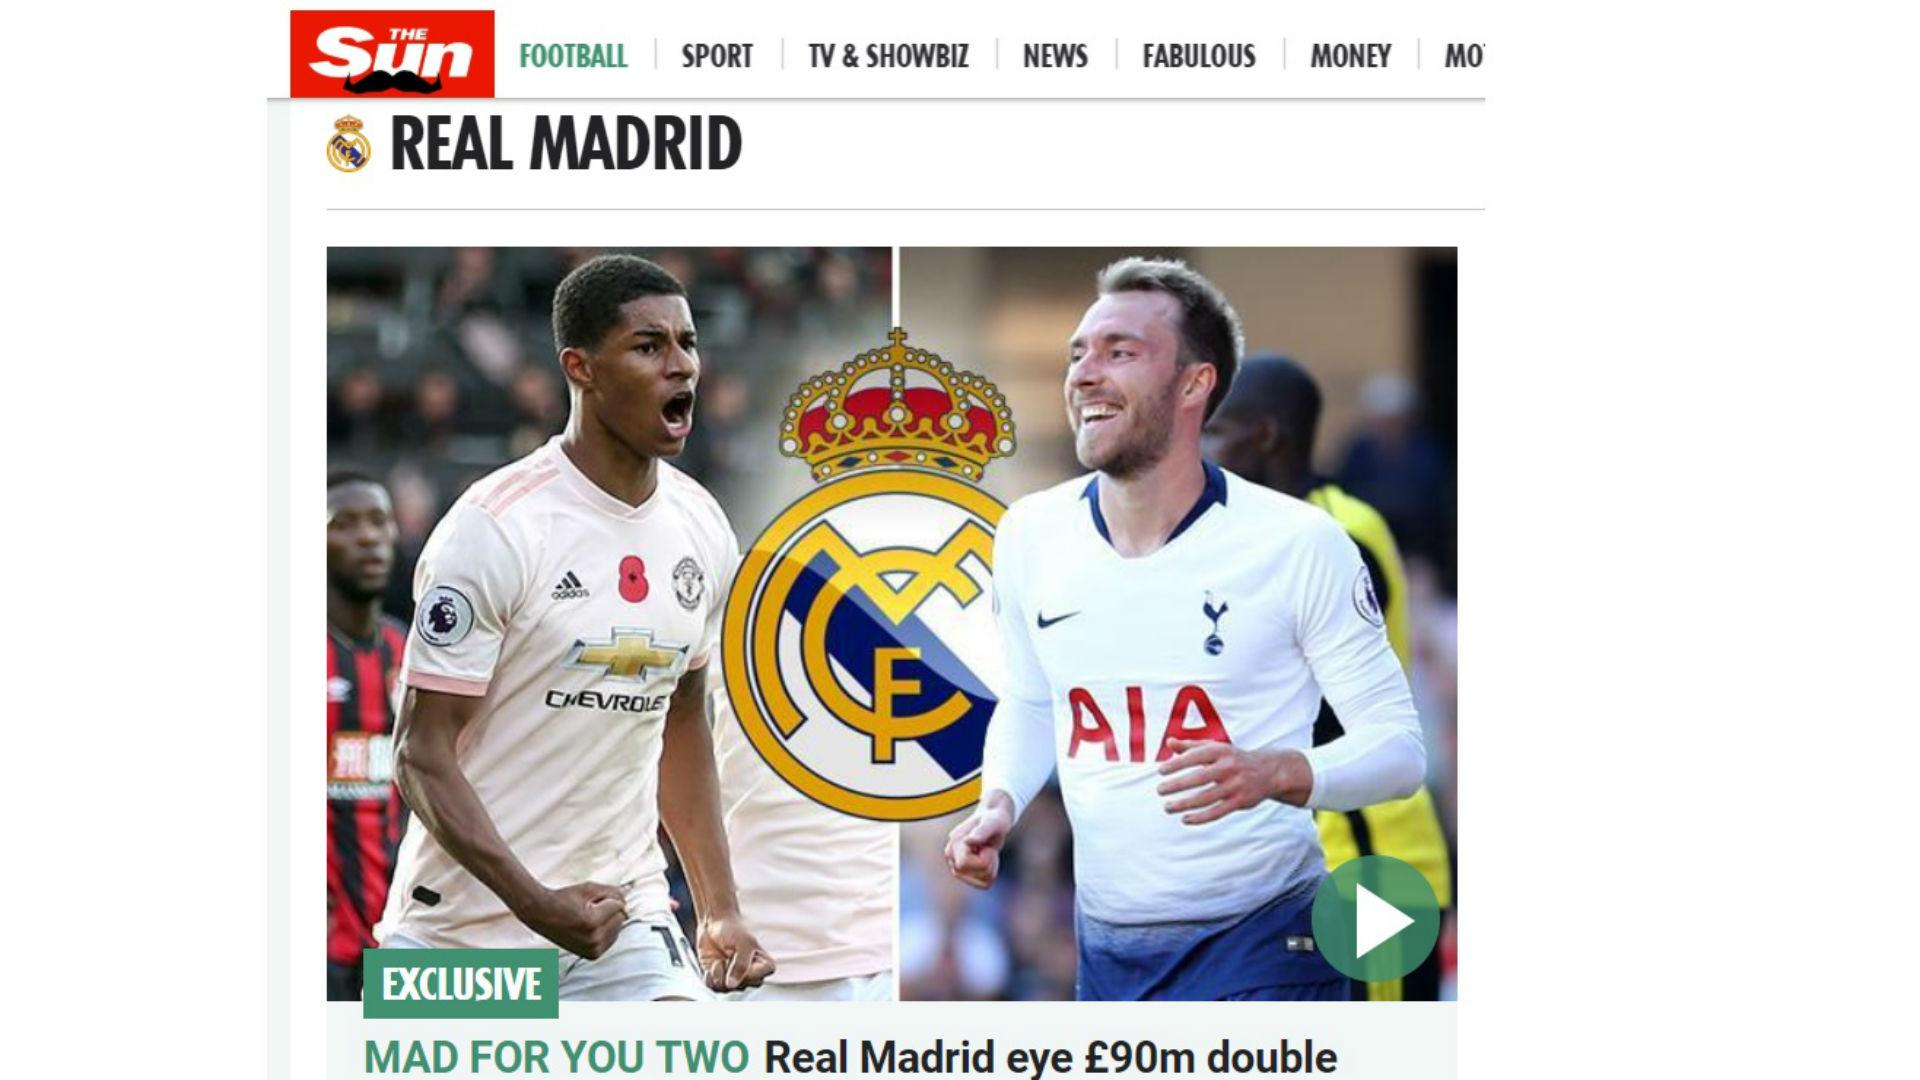 FICHAJES DEL REAL MADRID EN VIVO  los últimos rumores de Bale ... 6ebe29ffc79